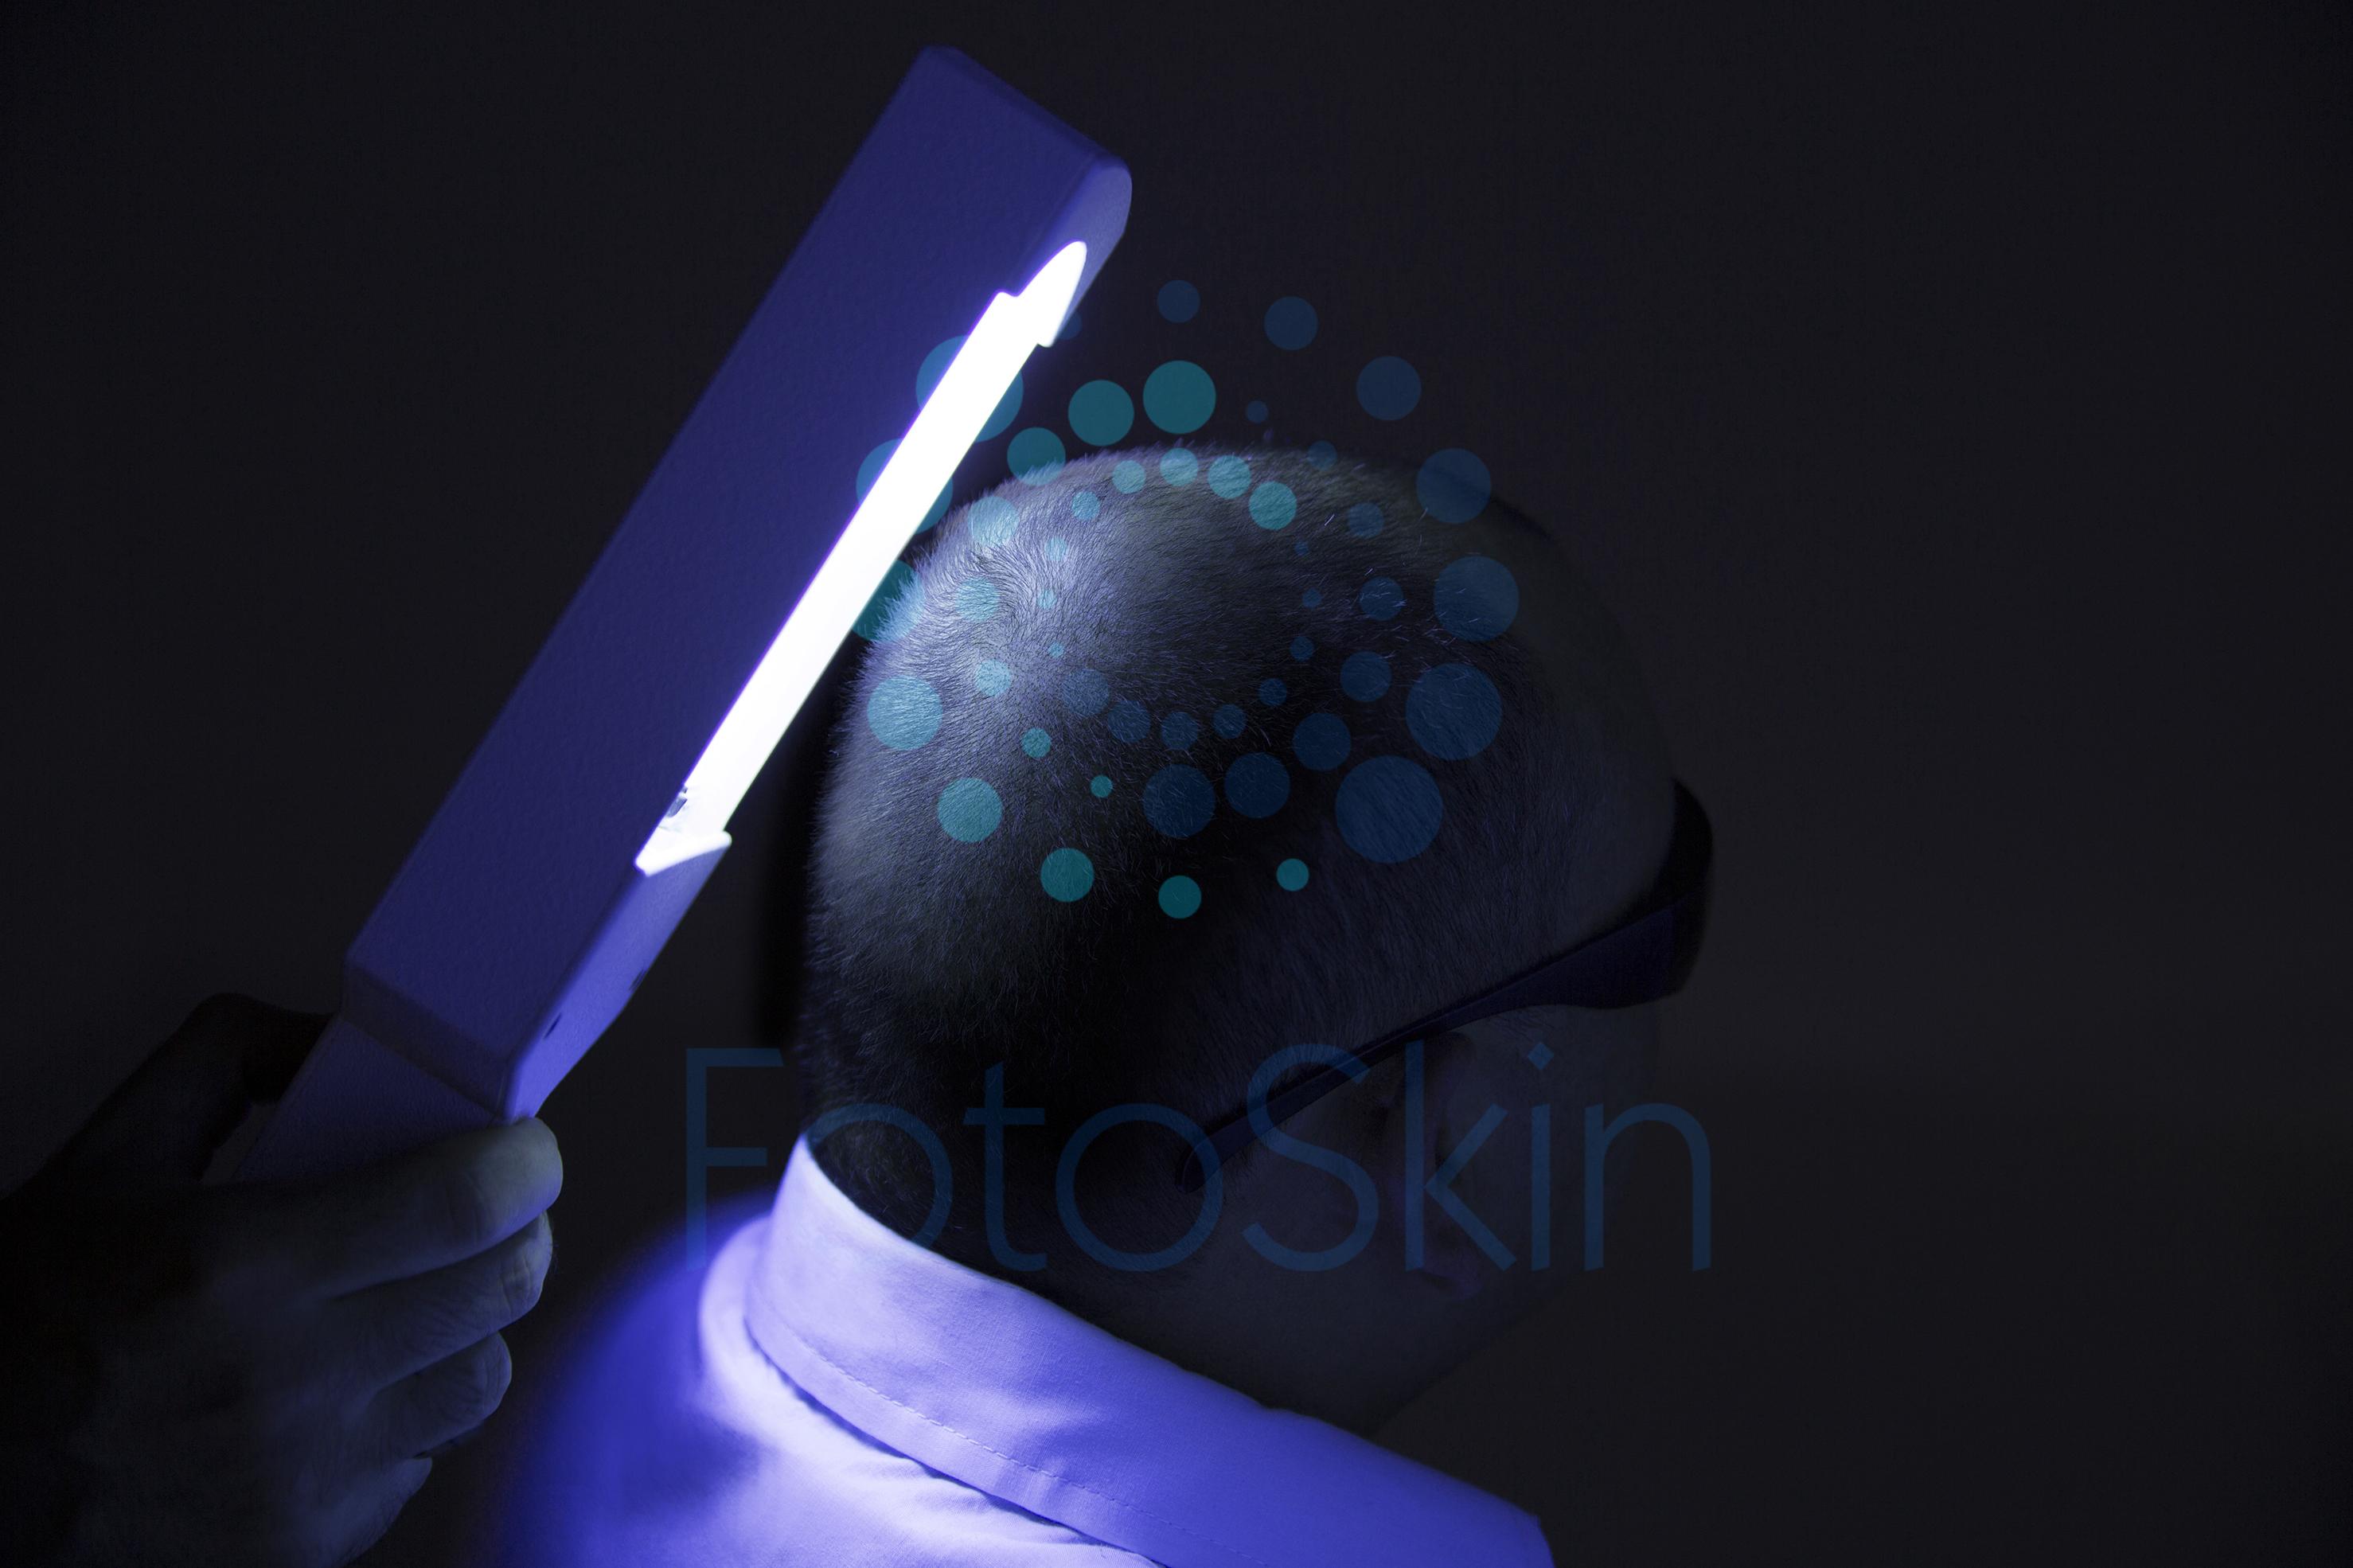 Fototerapia em domicílio UVB ou PUVA- um tratamento de luz